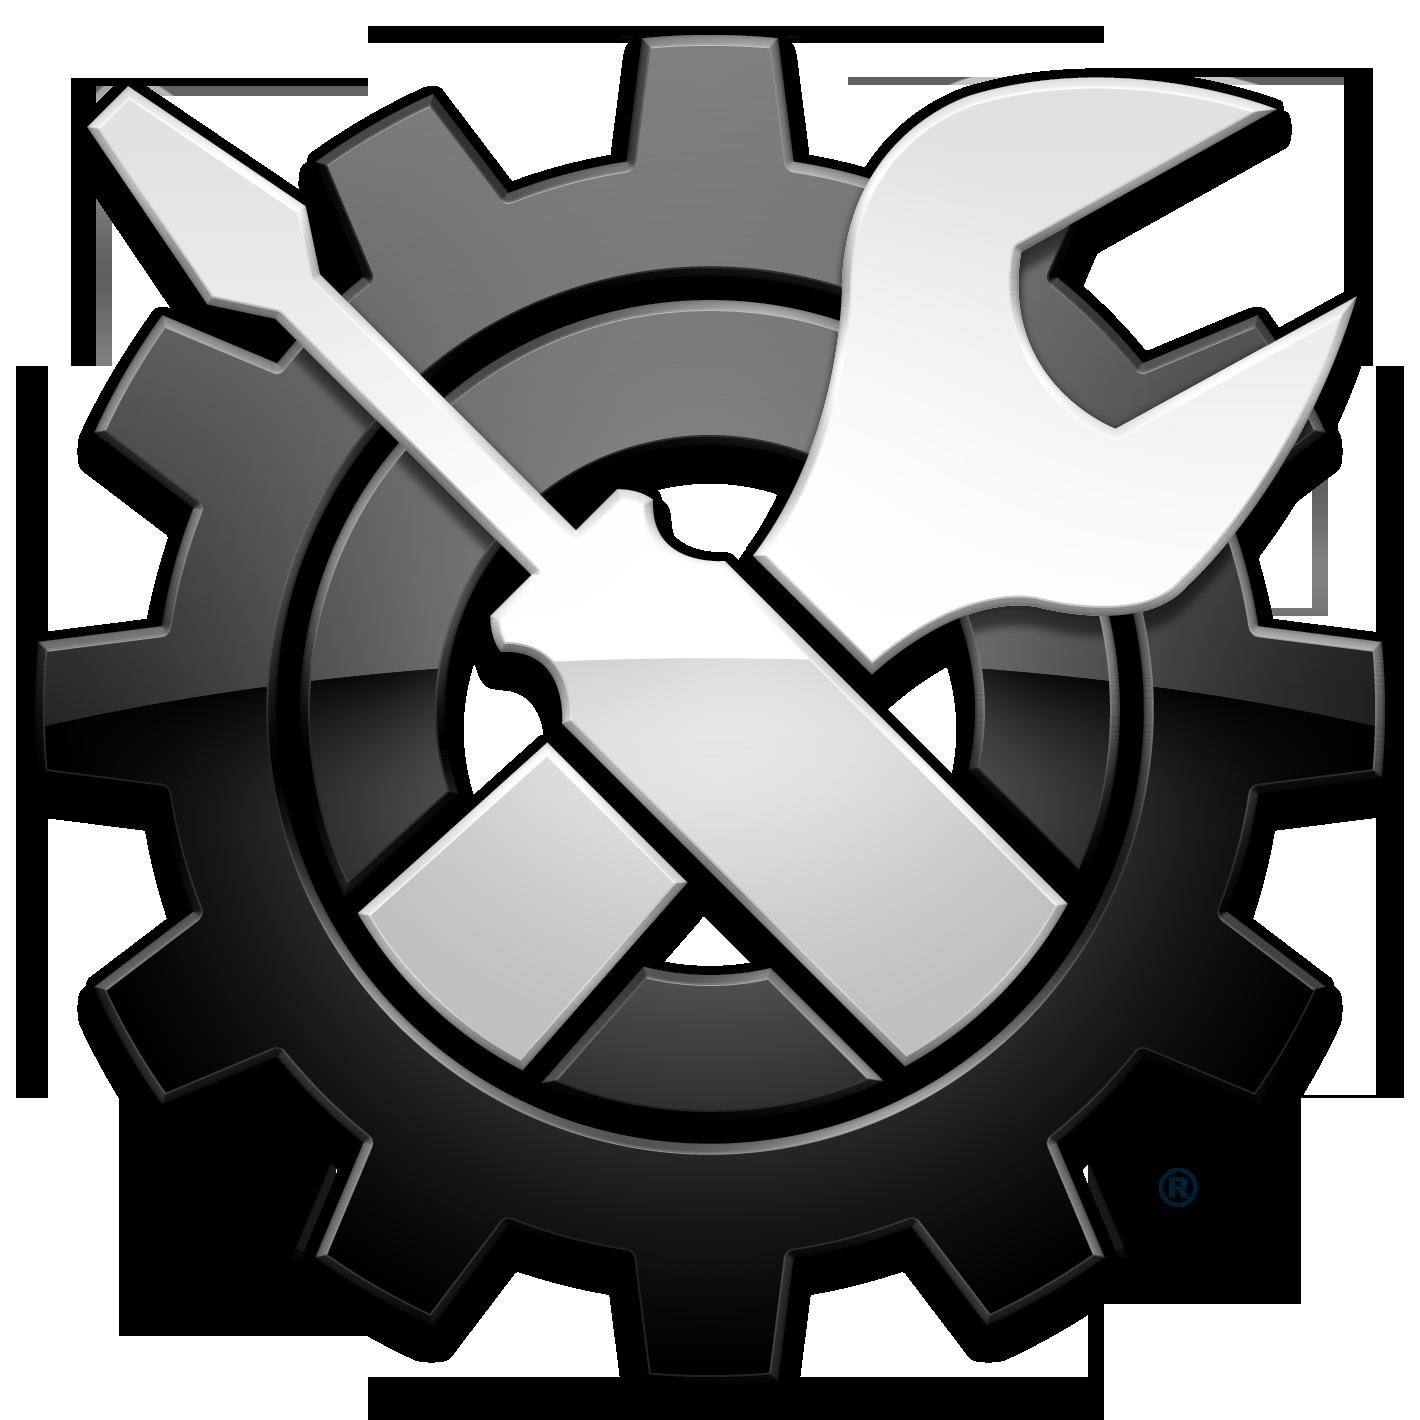 [Image: Sm_logo.png]